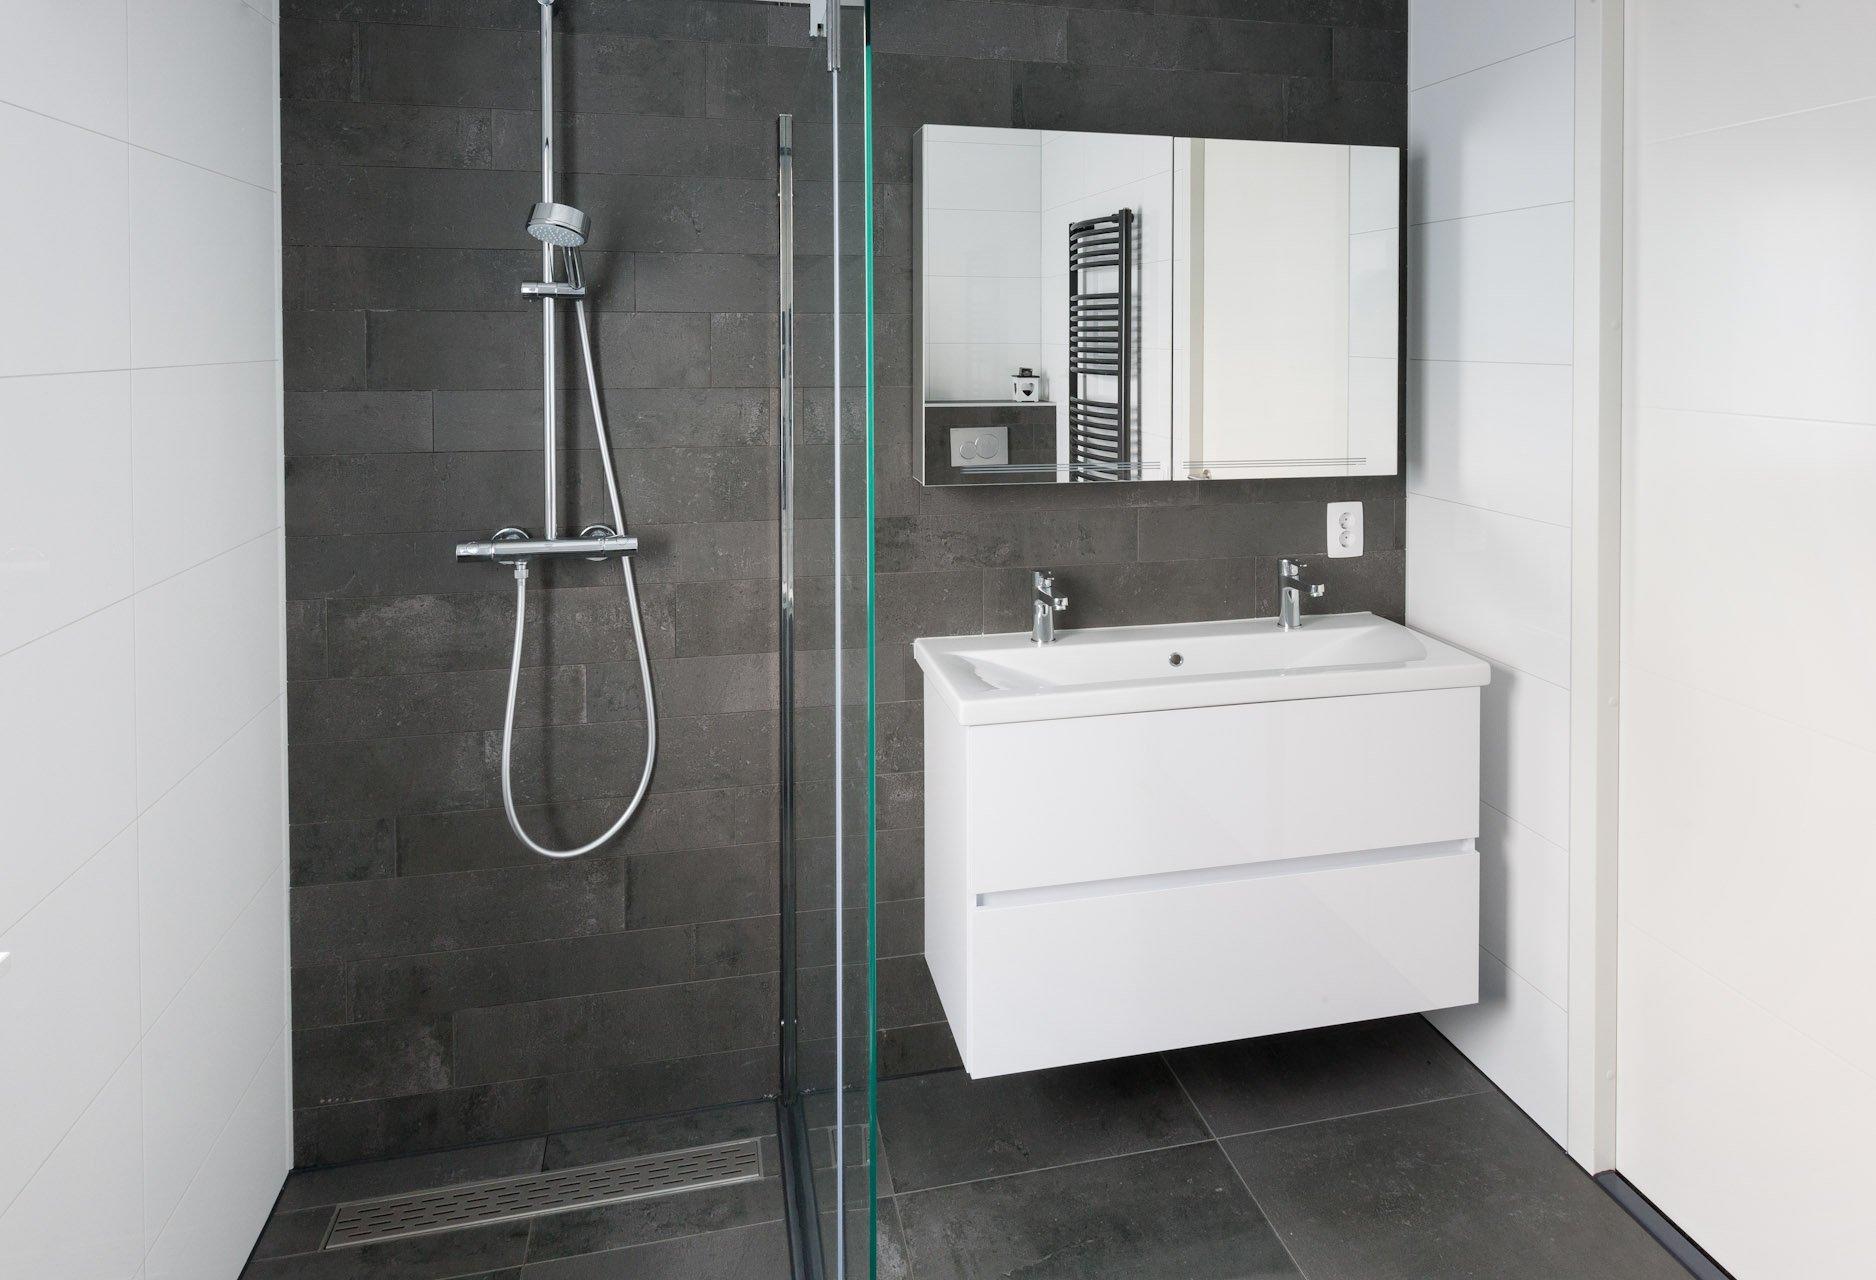 Badkamer tegel inspiratie great tegels badkamer inspiratie